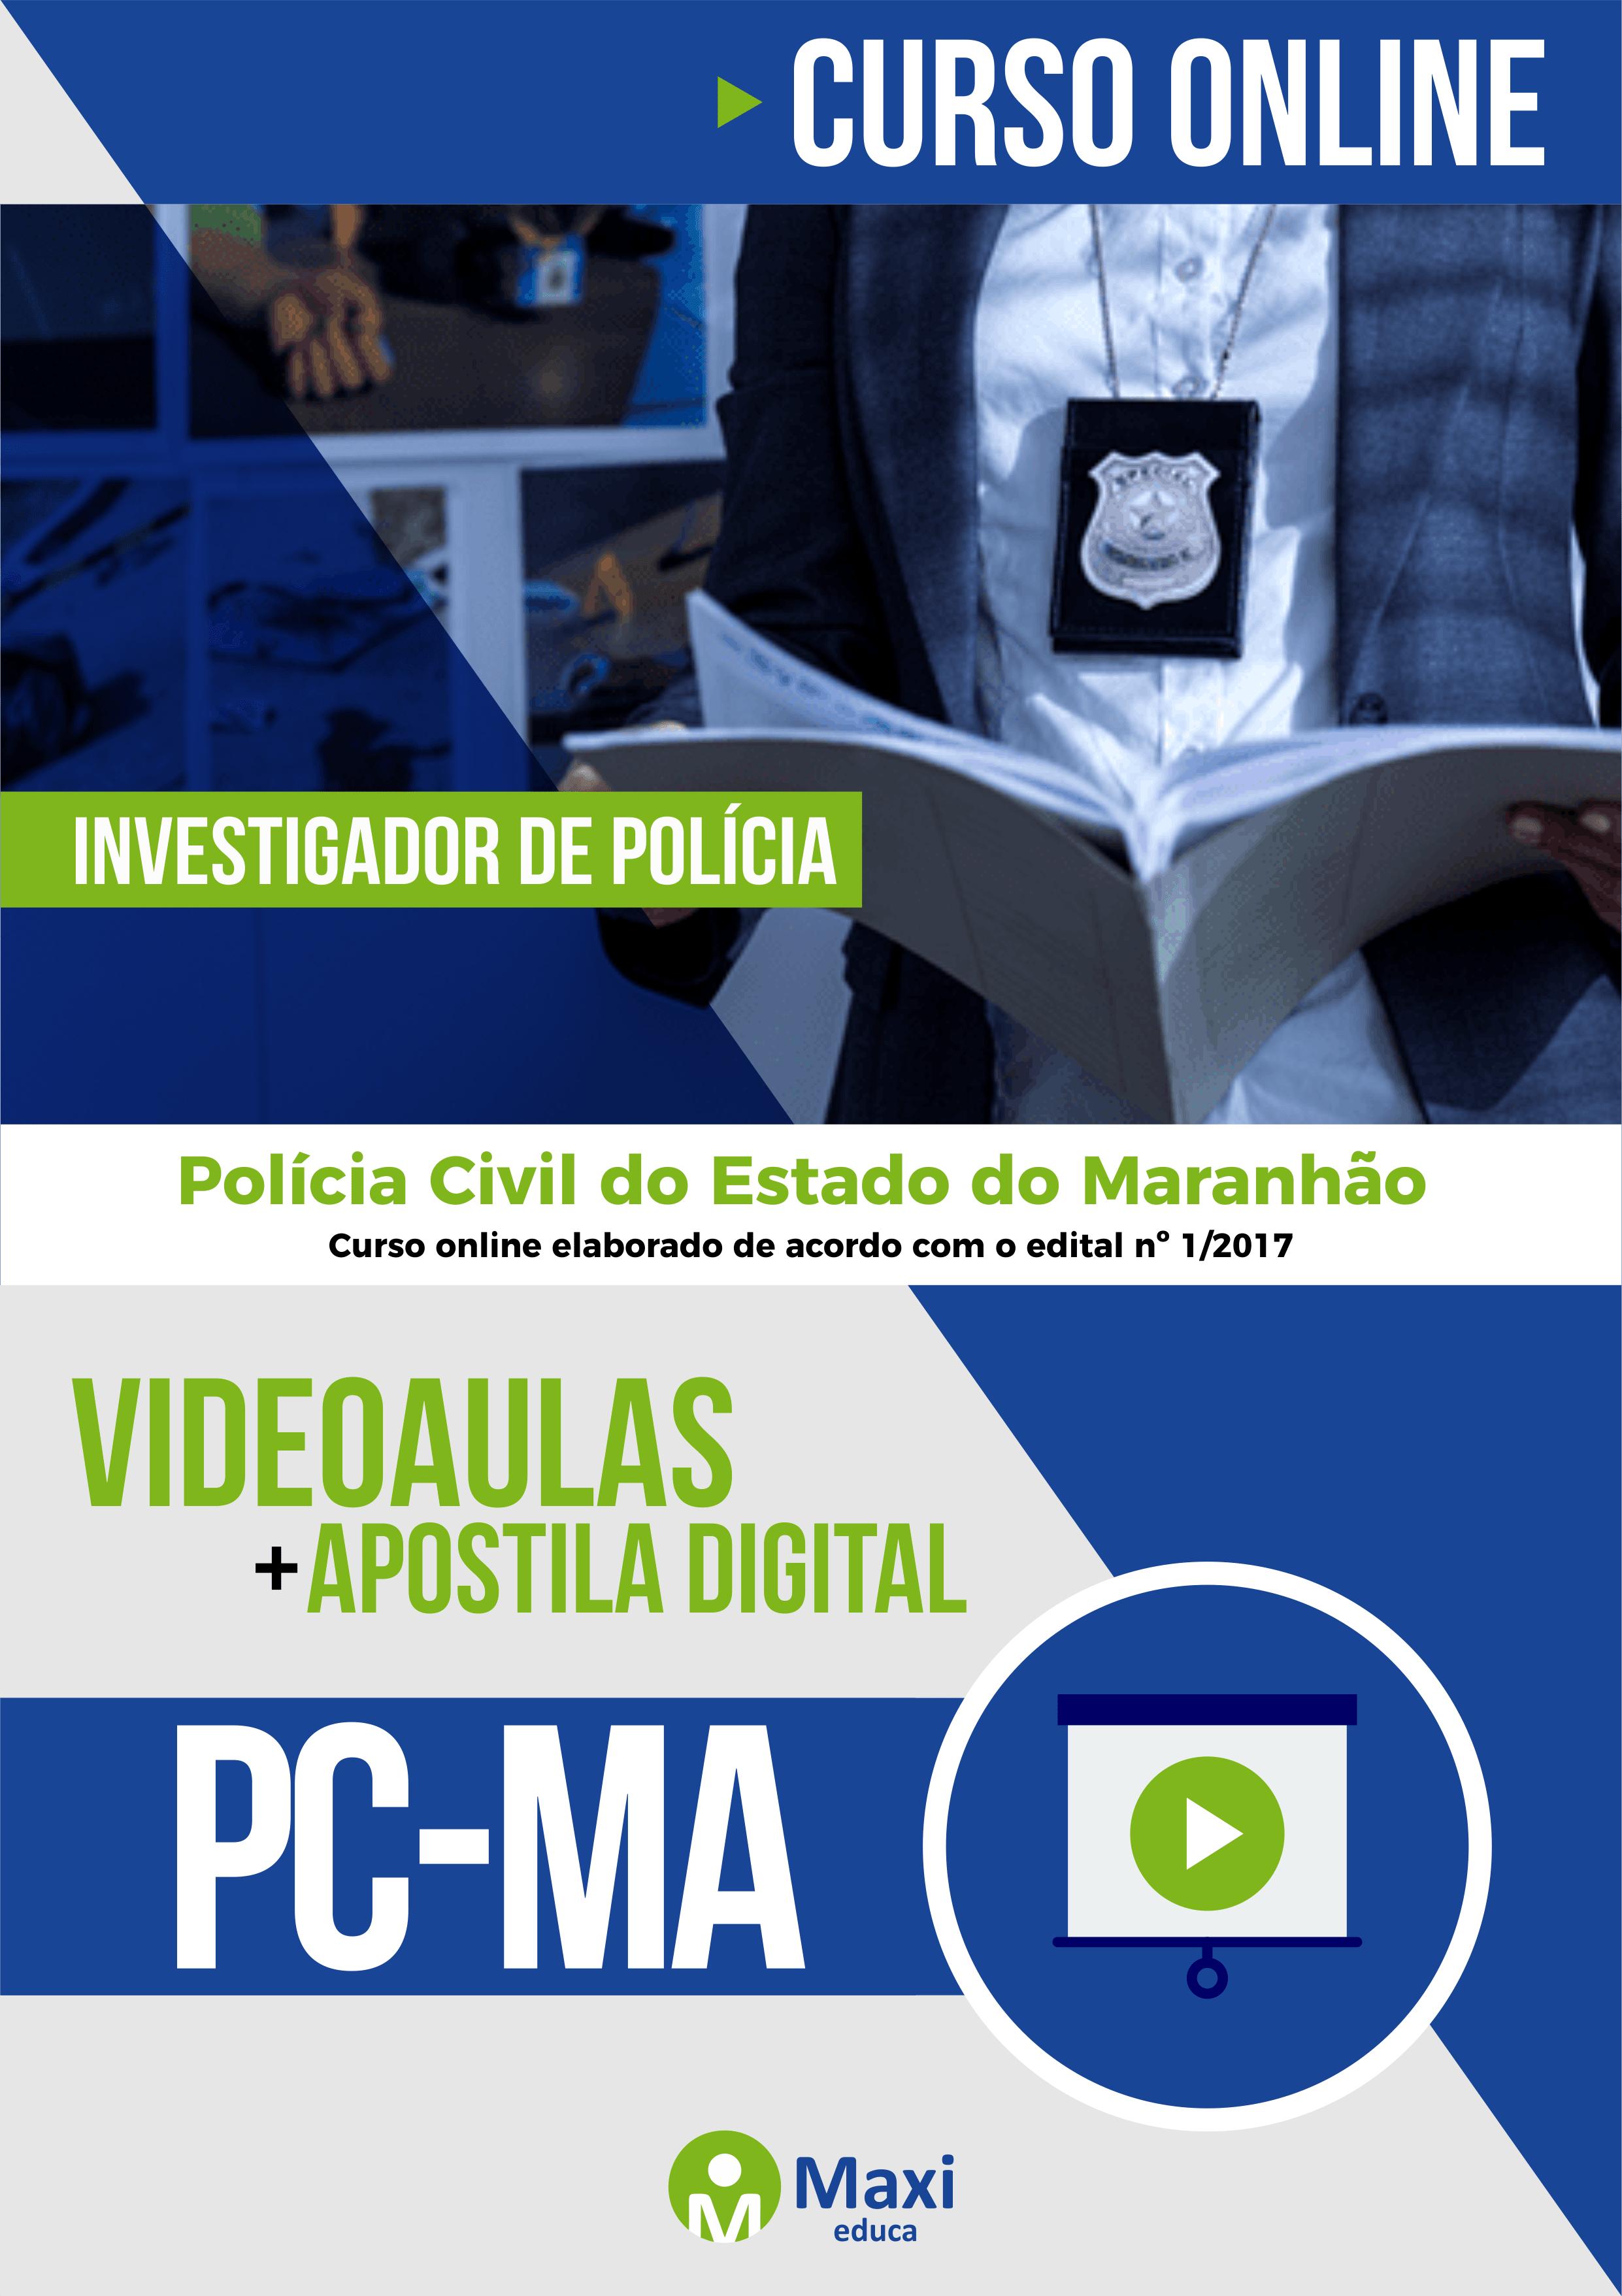 PC-MA - Polícia Civil do Estado do Maranhão Escrivão de Polícia